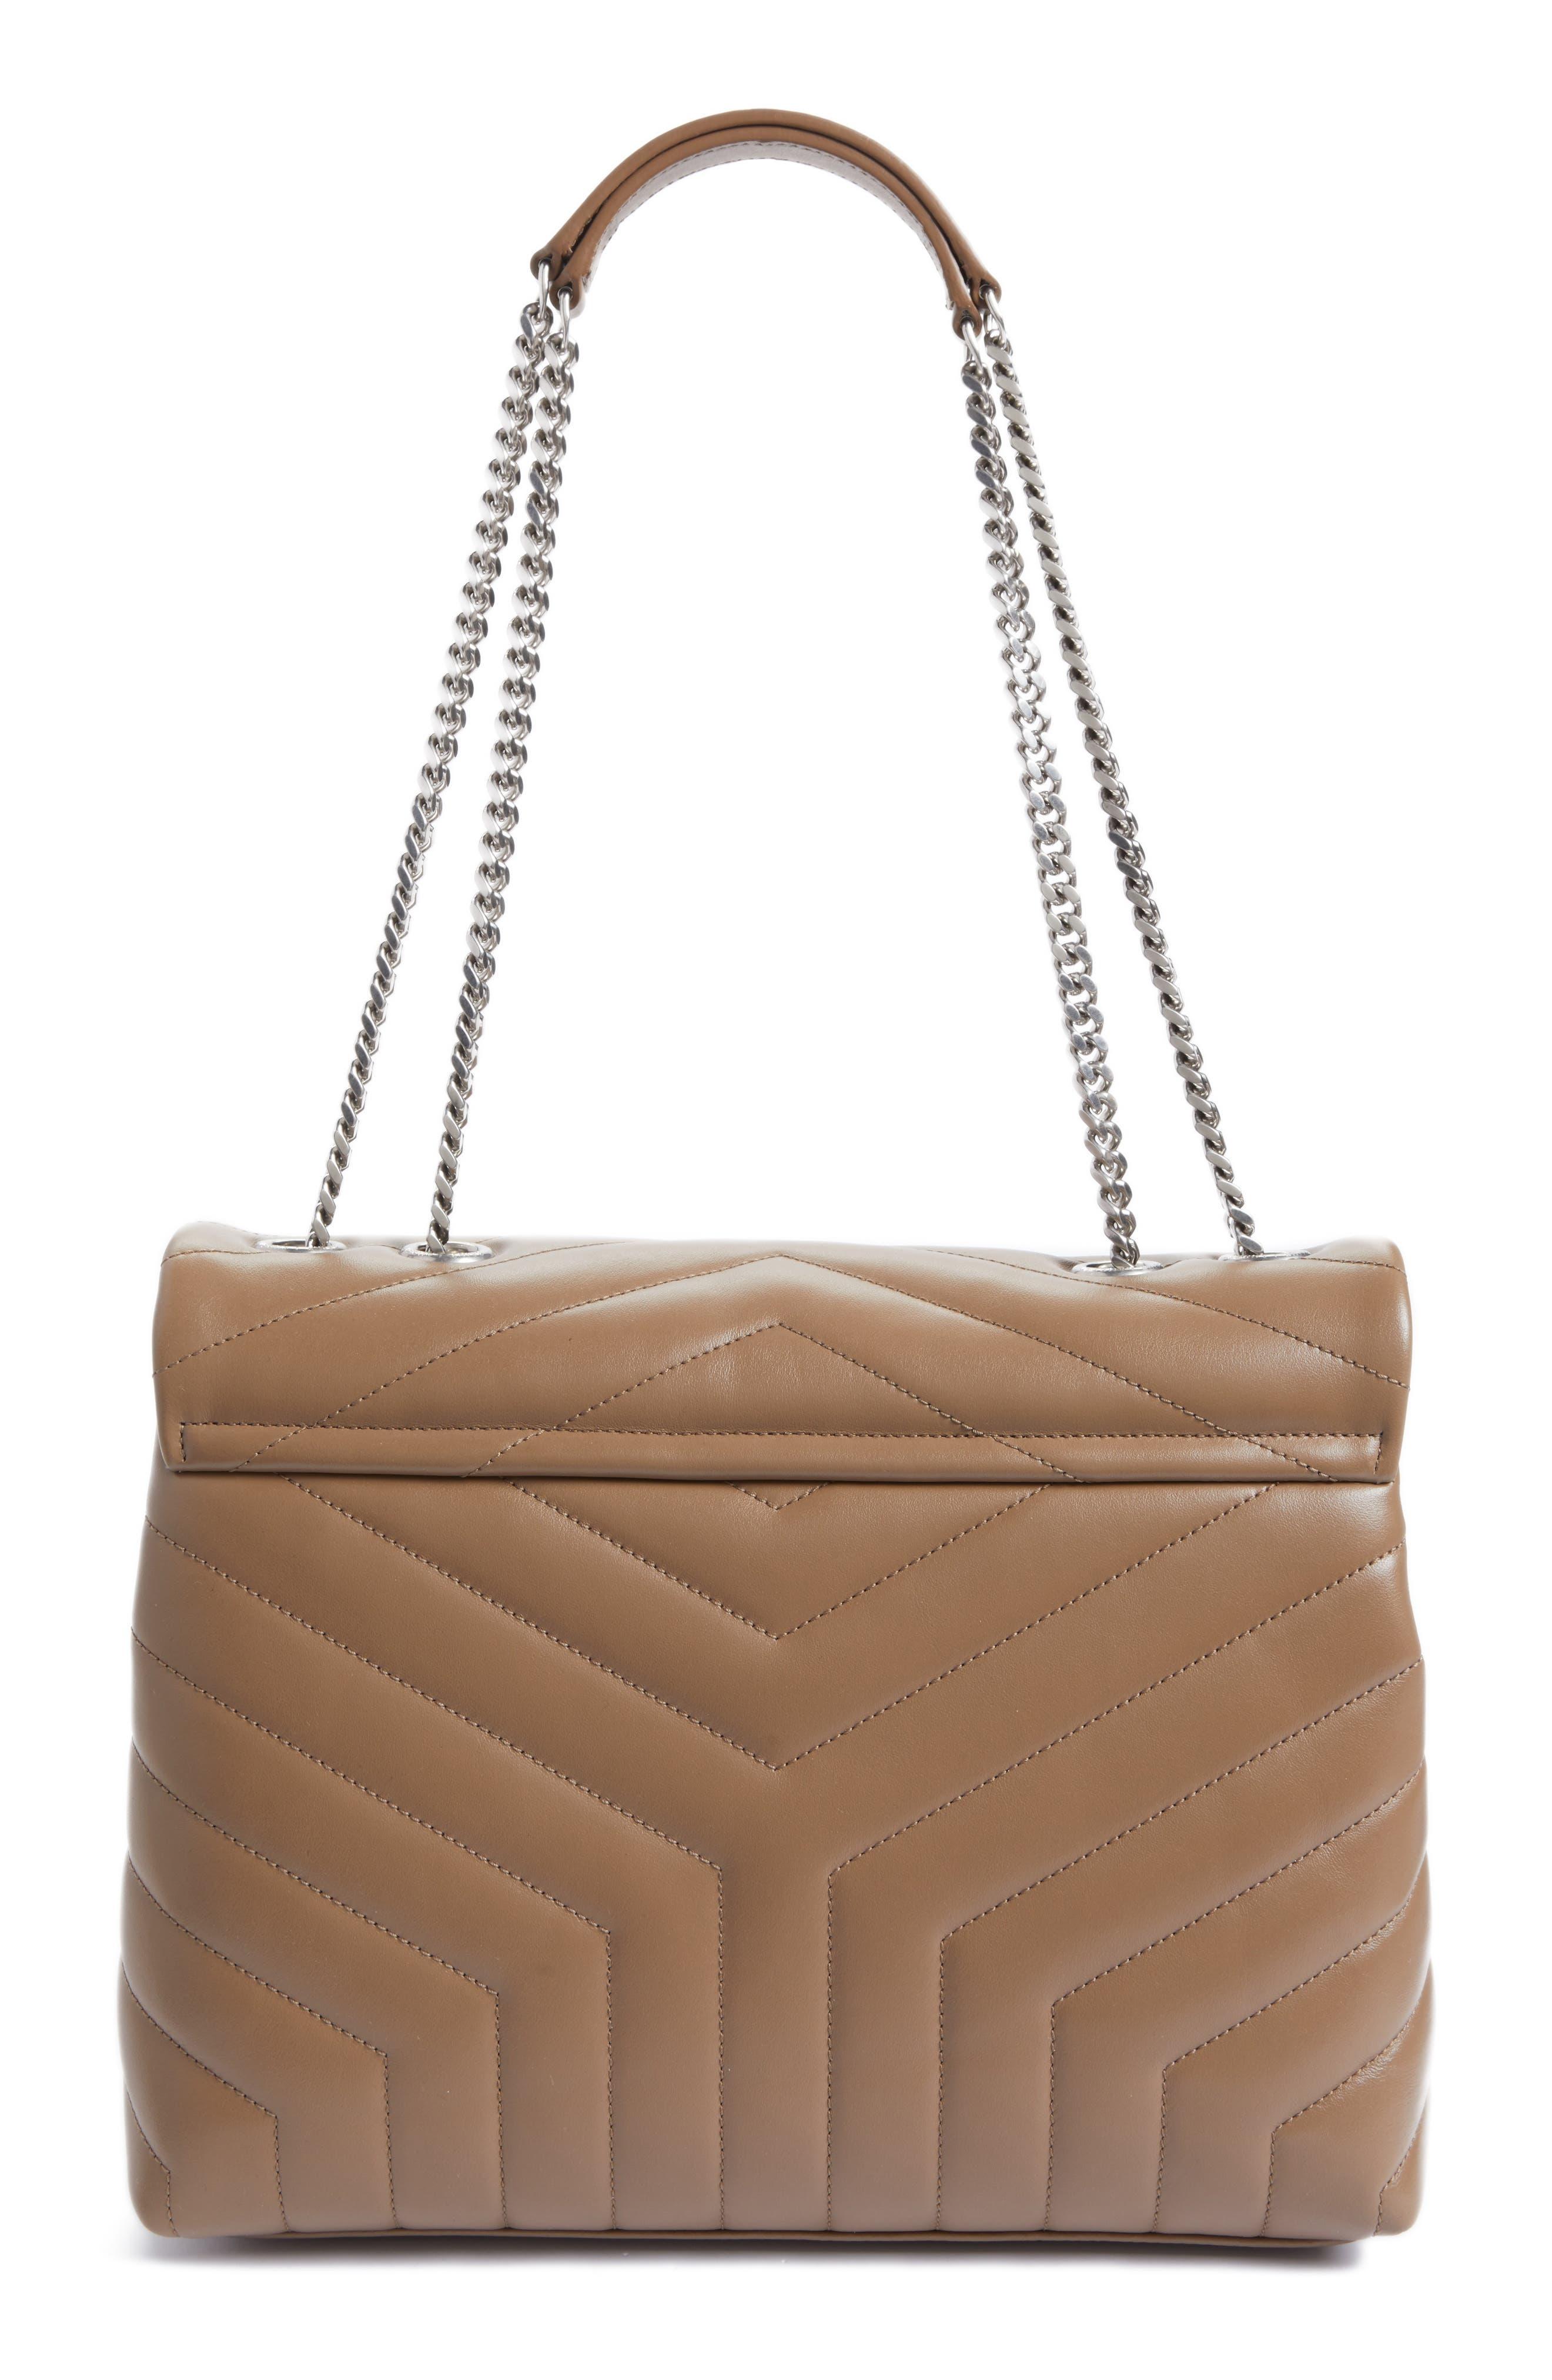 c5a8bfef6aa Women's Saint Laurent Handbags | Nordstrom